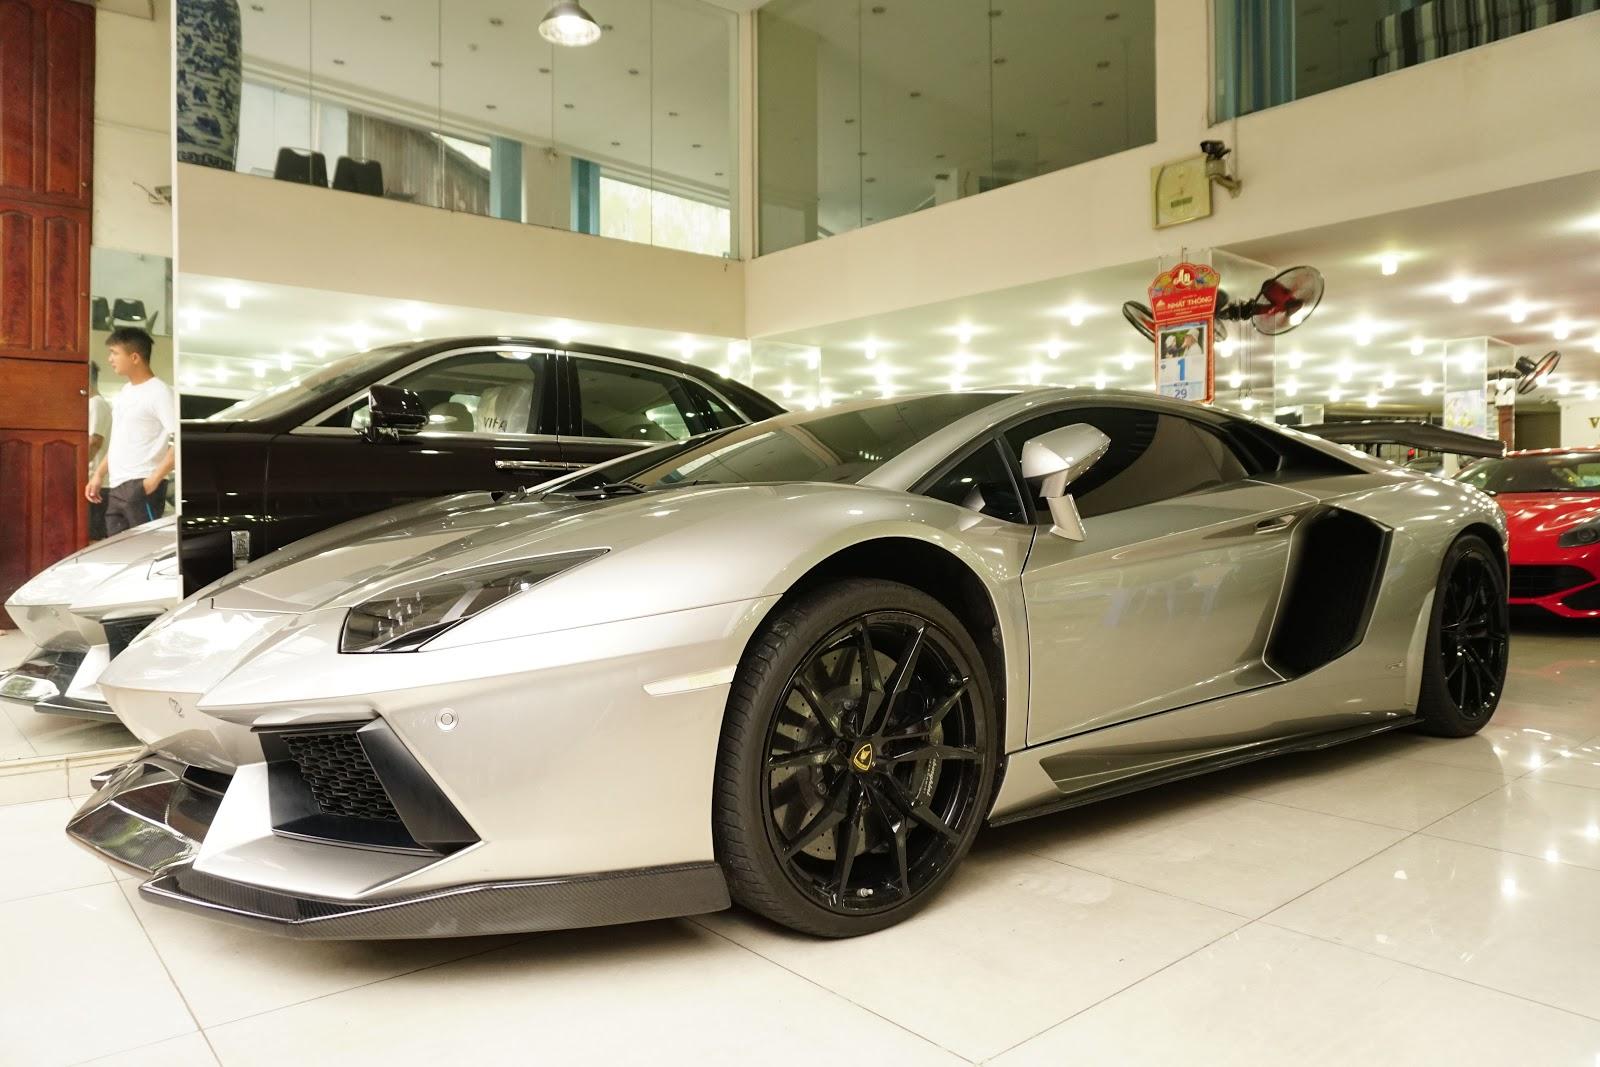 Lamborghini Aventador độ DMC xứng đáng với danh hiện Mũi tên bạc II đệ nhị